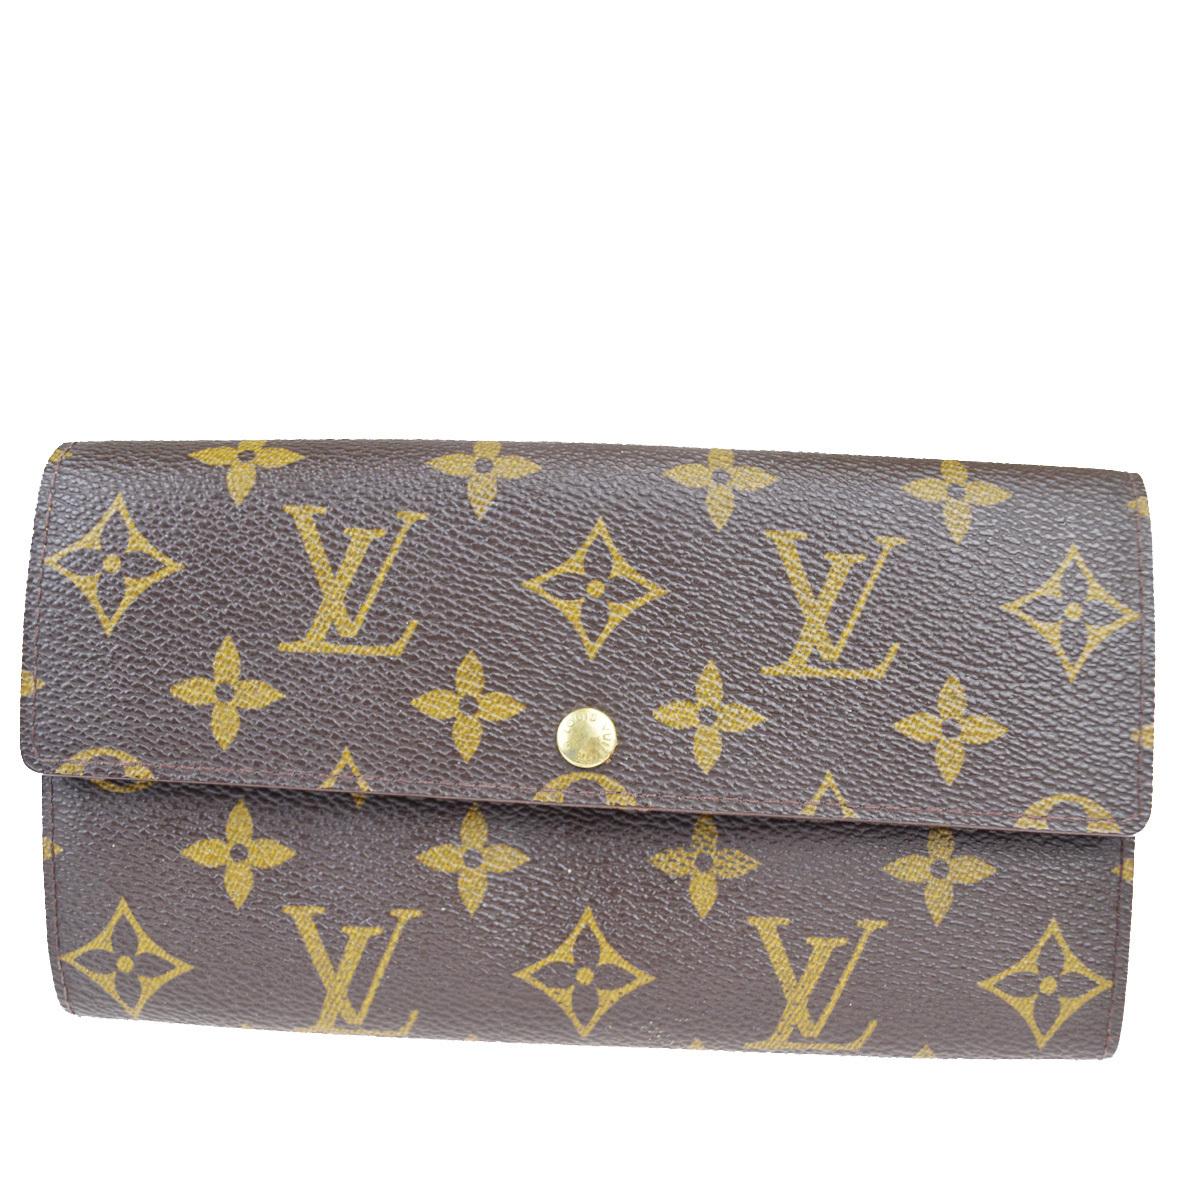 【中古】 ルイ・ヴィトン(Louis Vuitton) ポシェット ポルトモネ クレディ M61725 モノグラム 長財布(二つ折り) モノグラム 02FA668